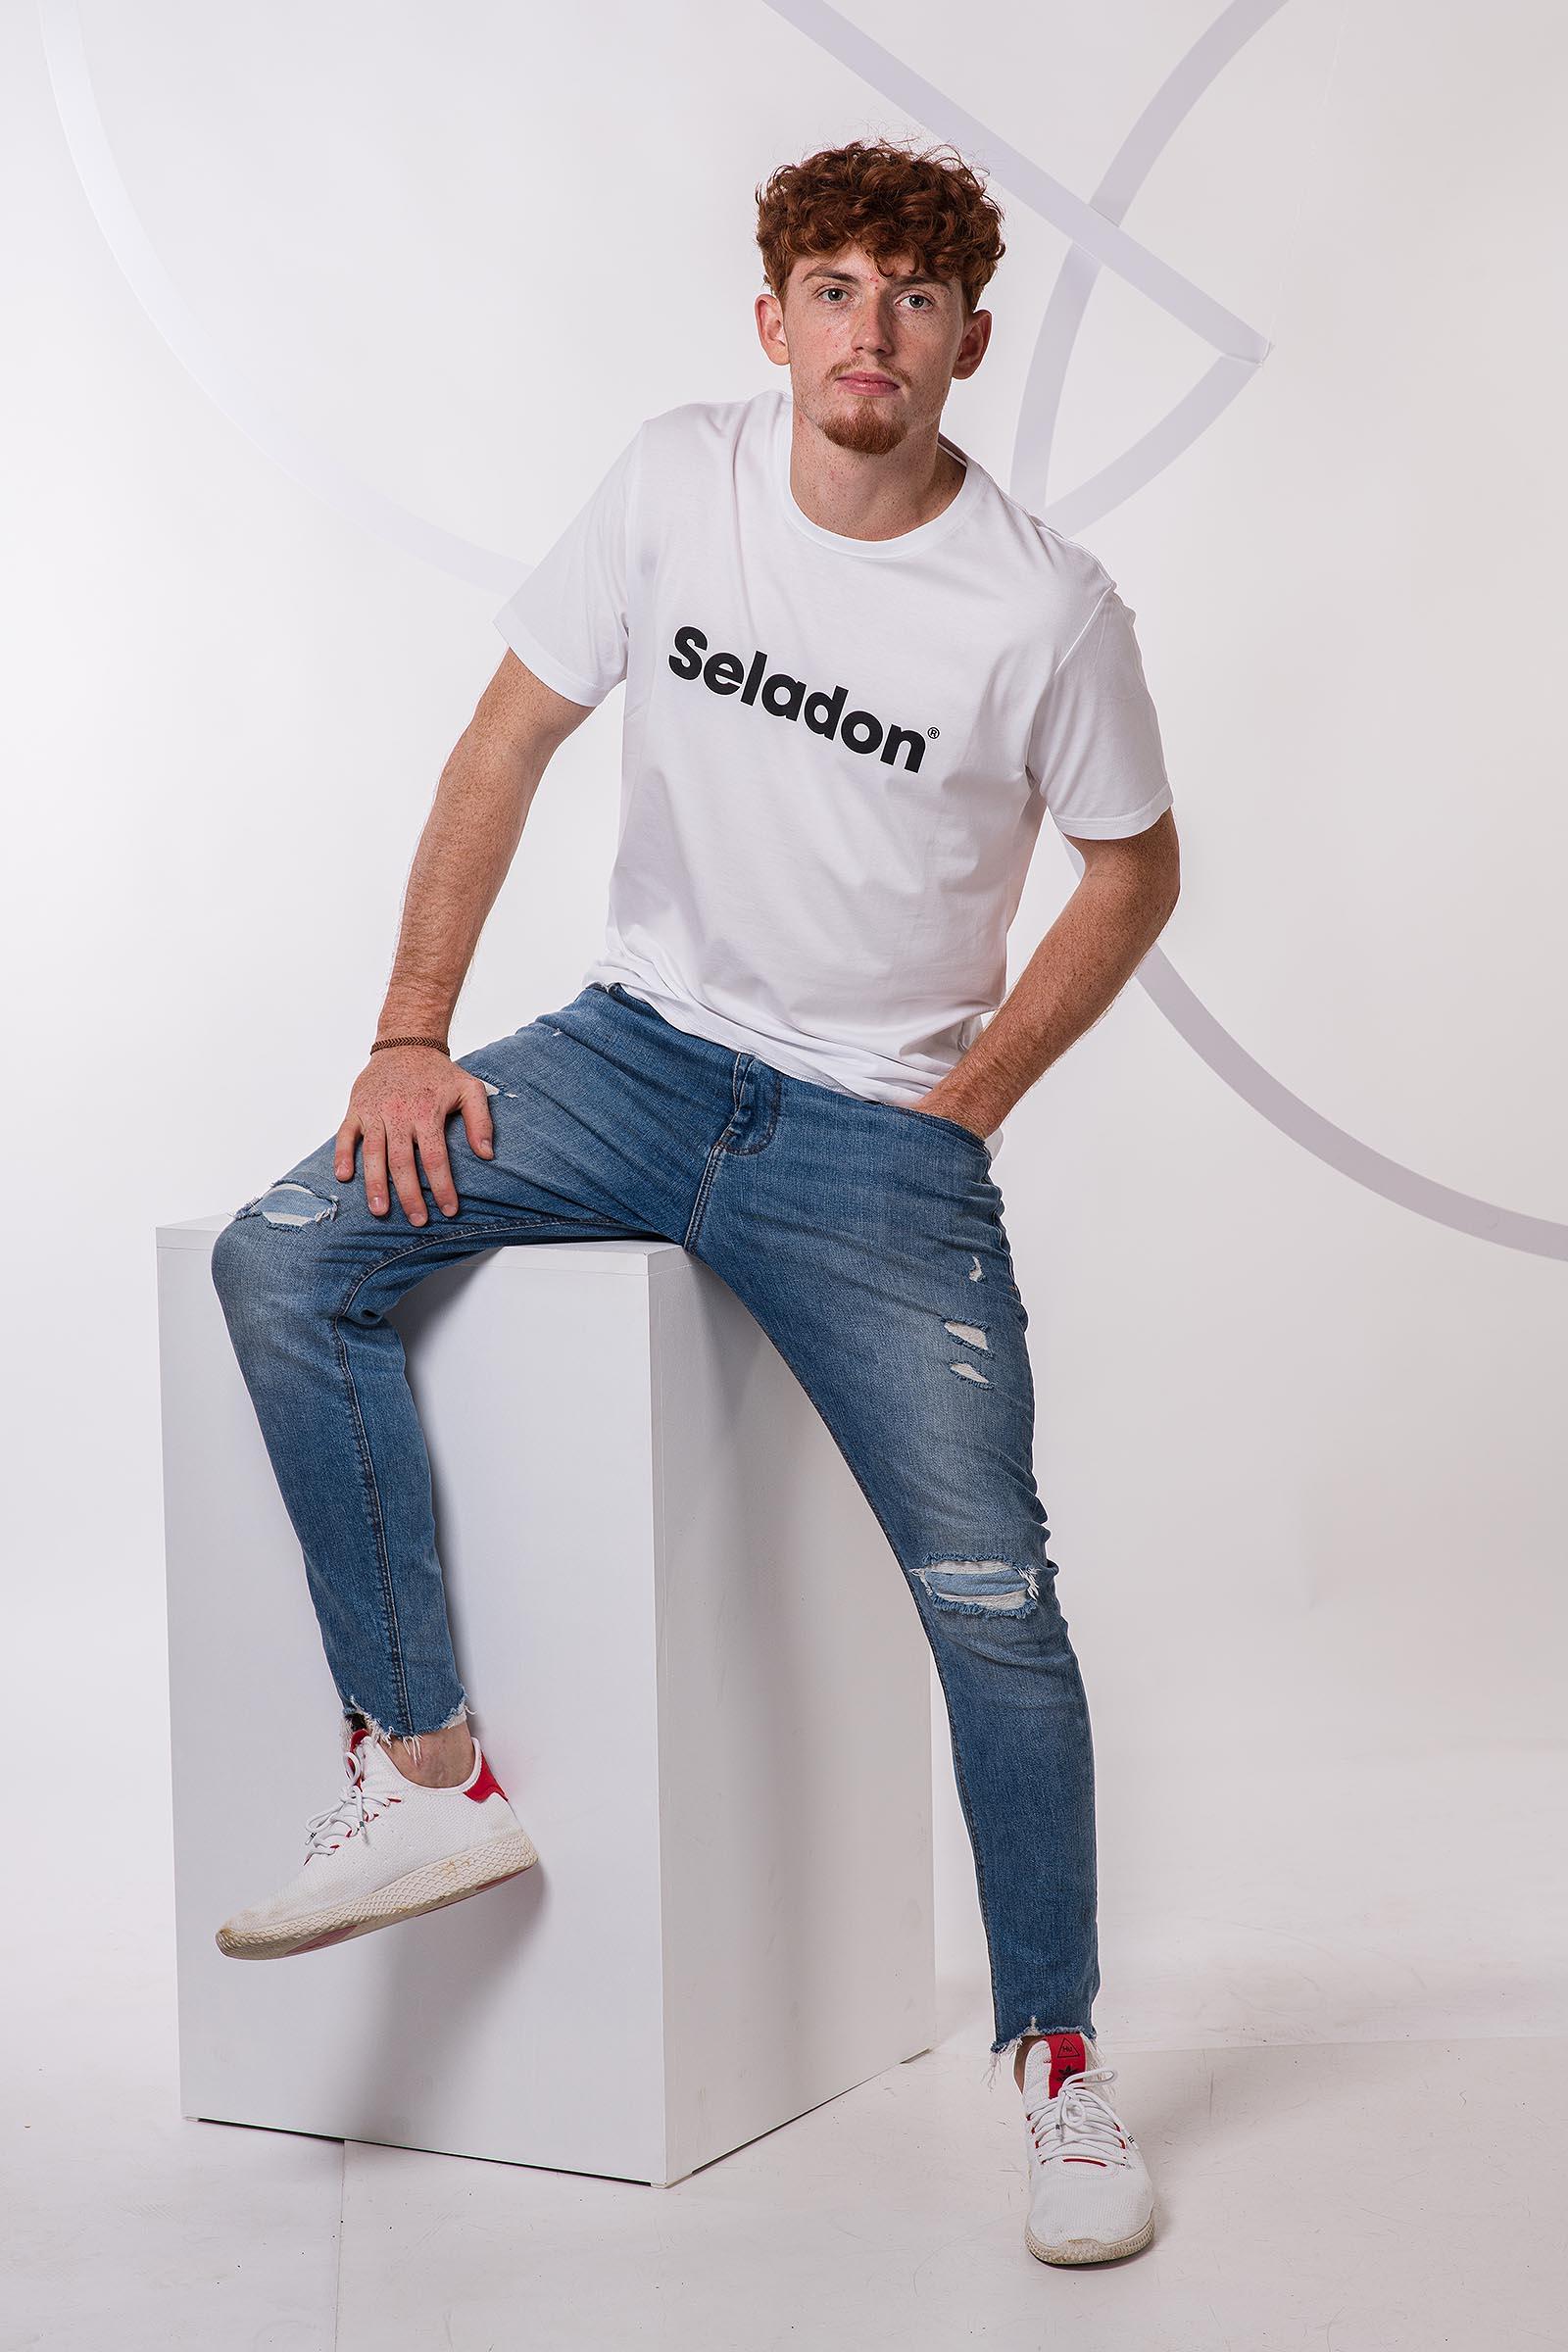 t-shirt for men Seladon white